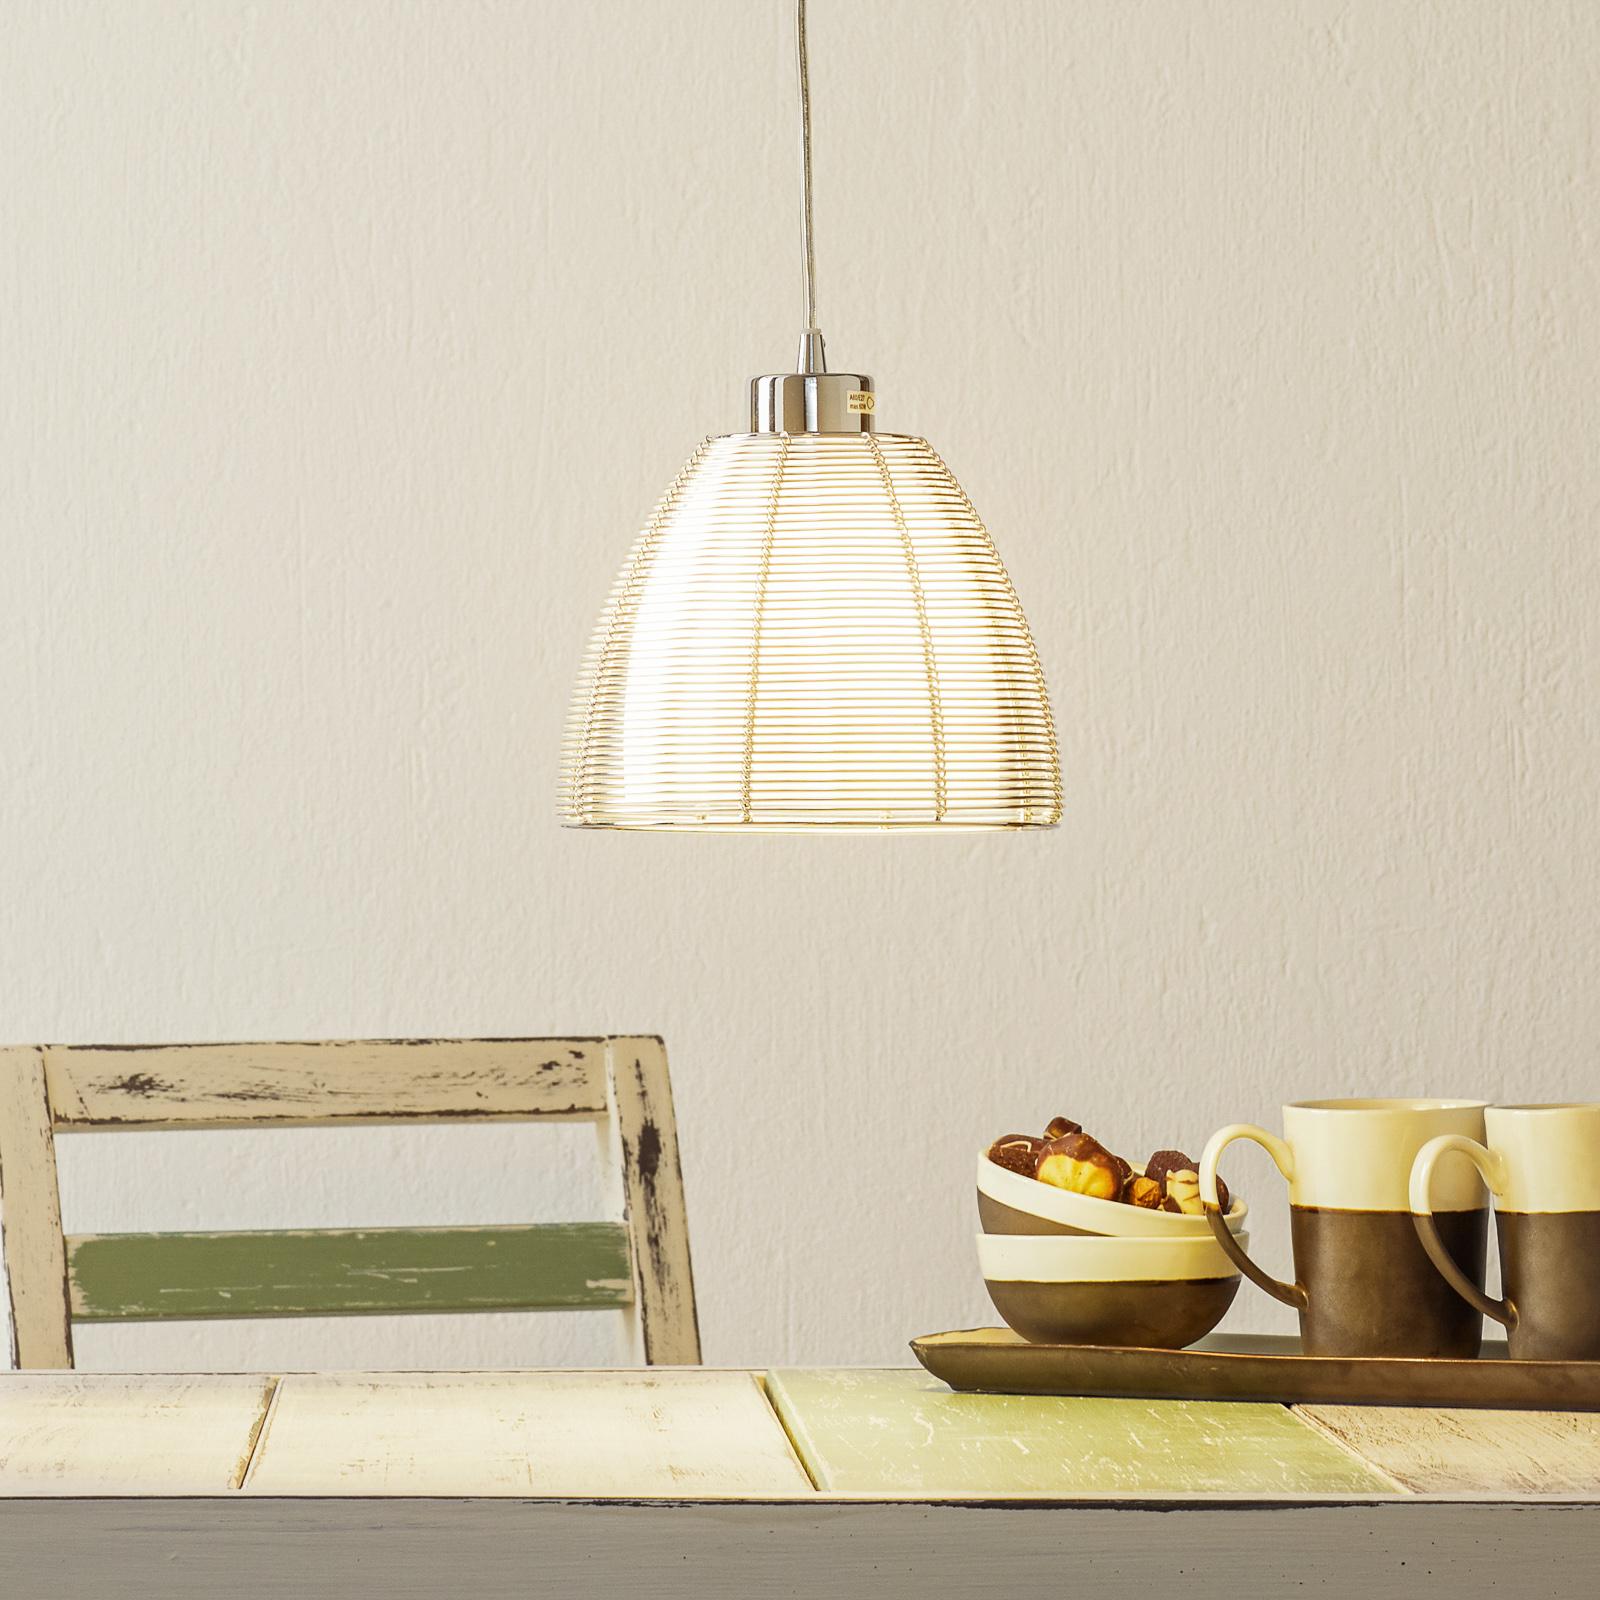 Pendellampa Relax, 1 lampa, 19 cm krom